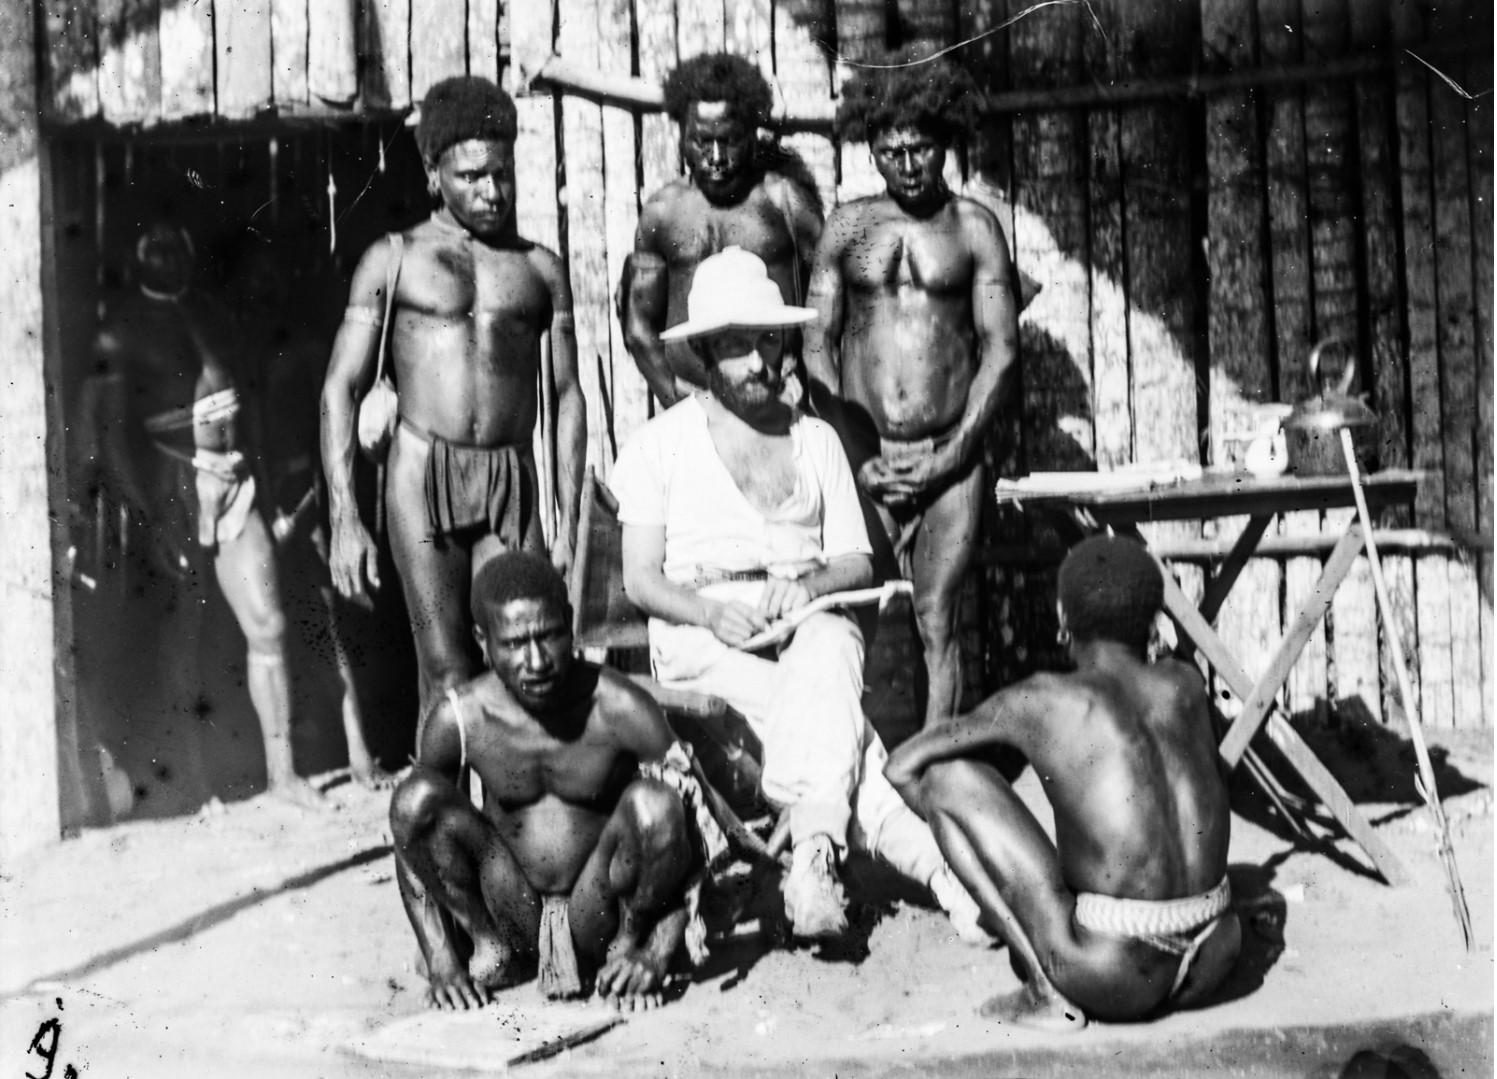 Др. Отто Шледжинхауфен (в центре) с местными жителями